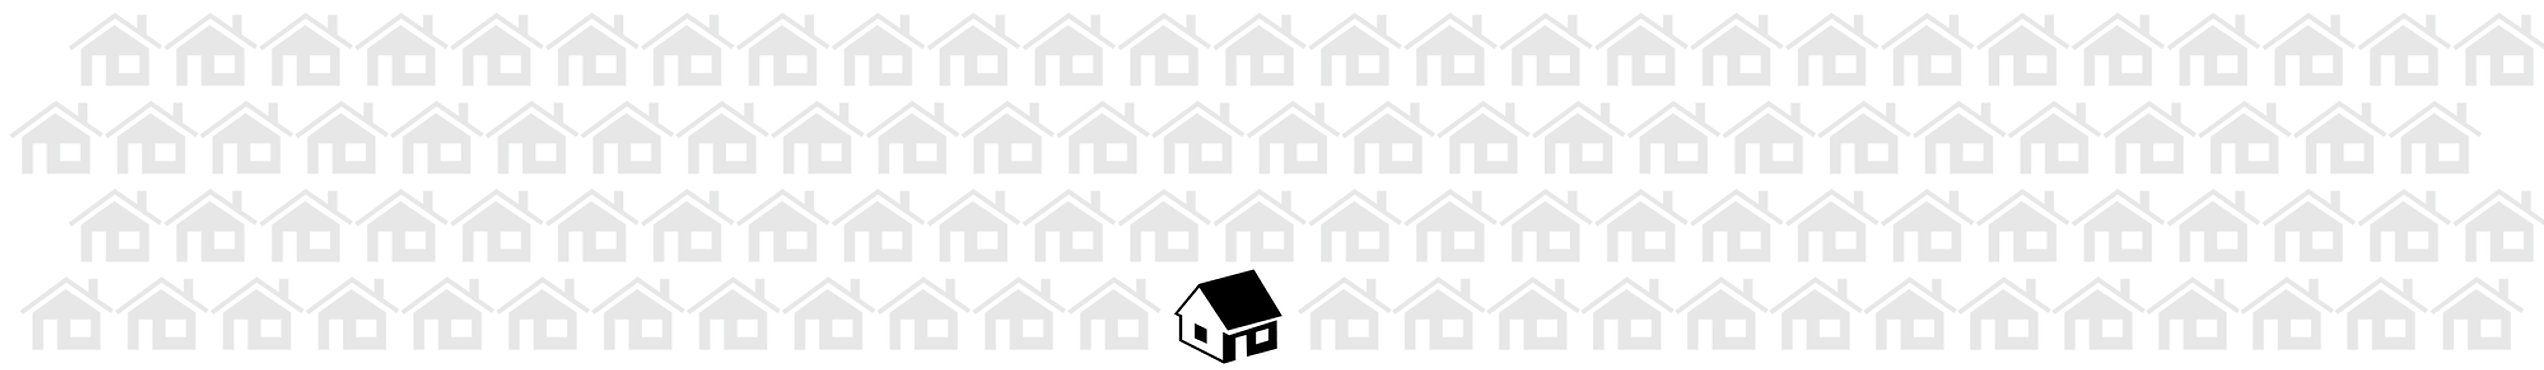 House Tiles_Background.jpg